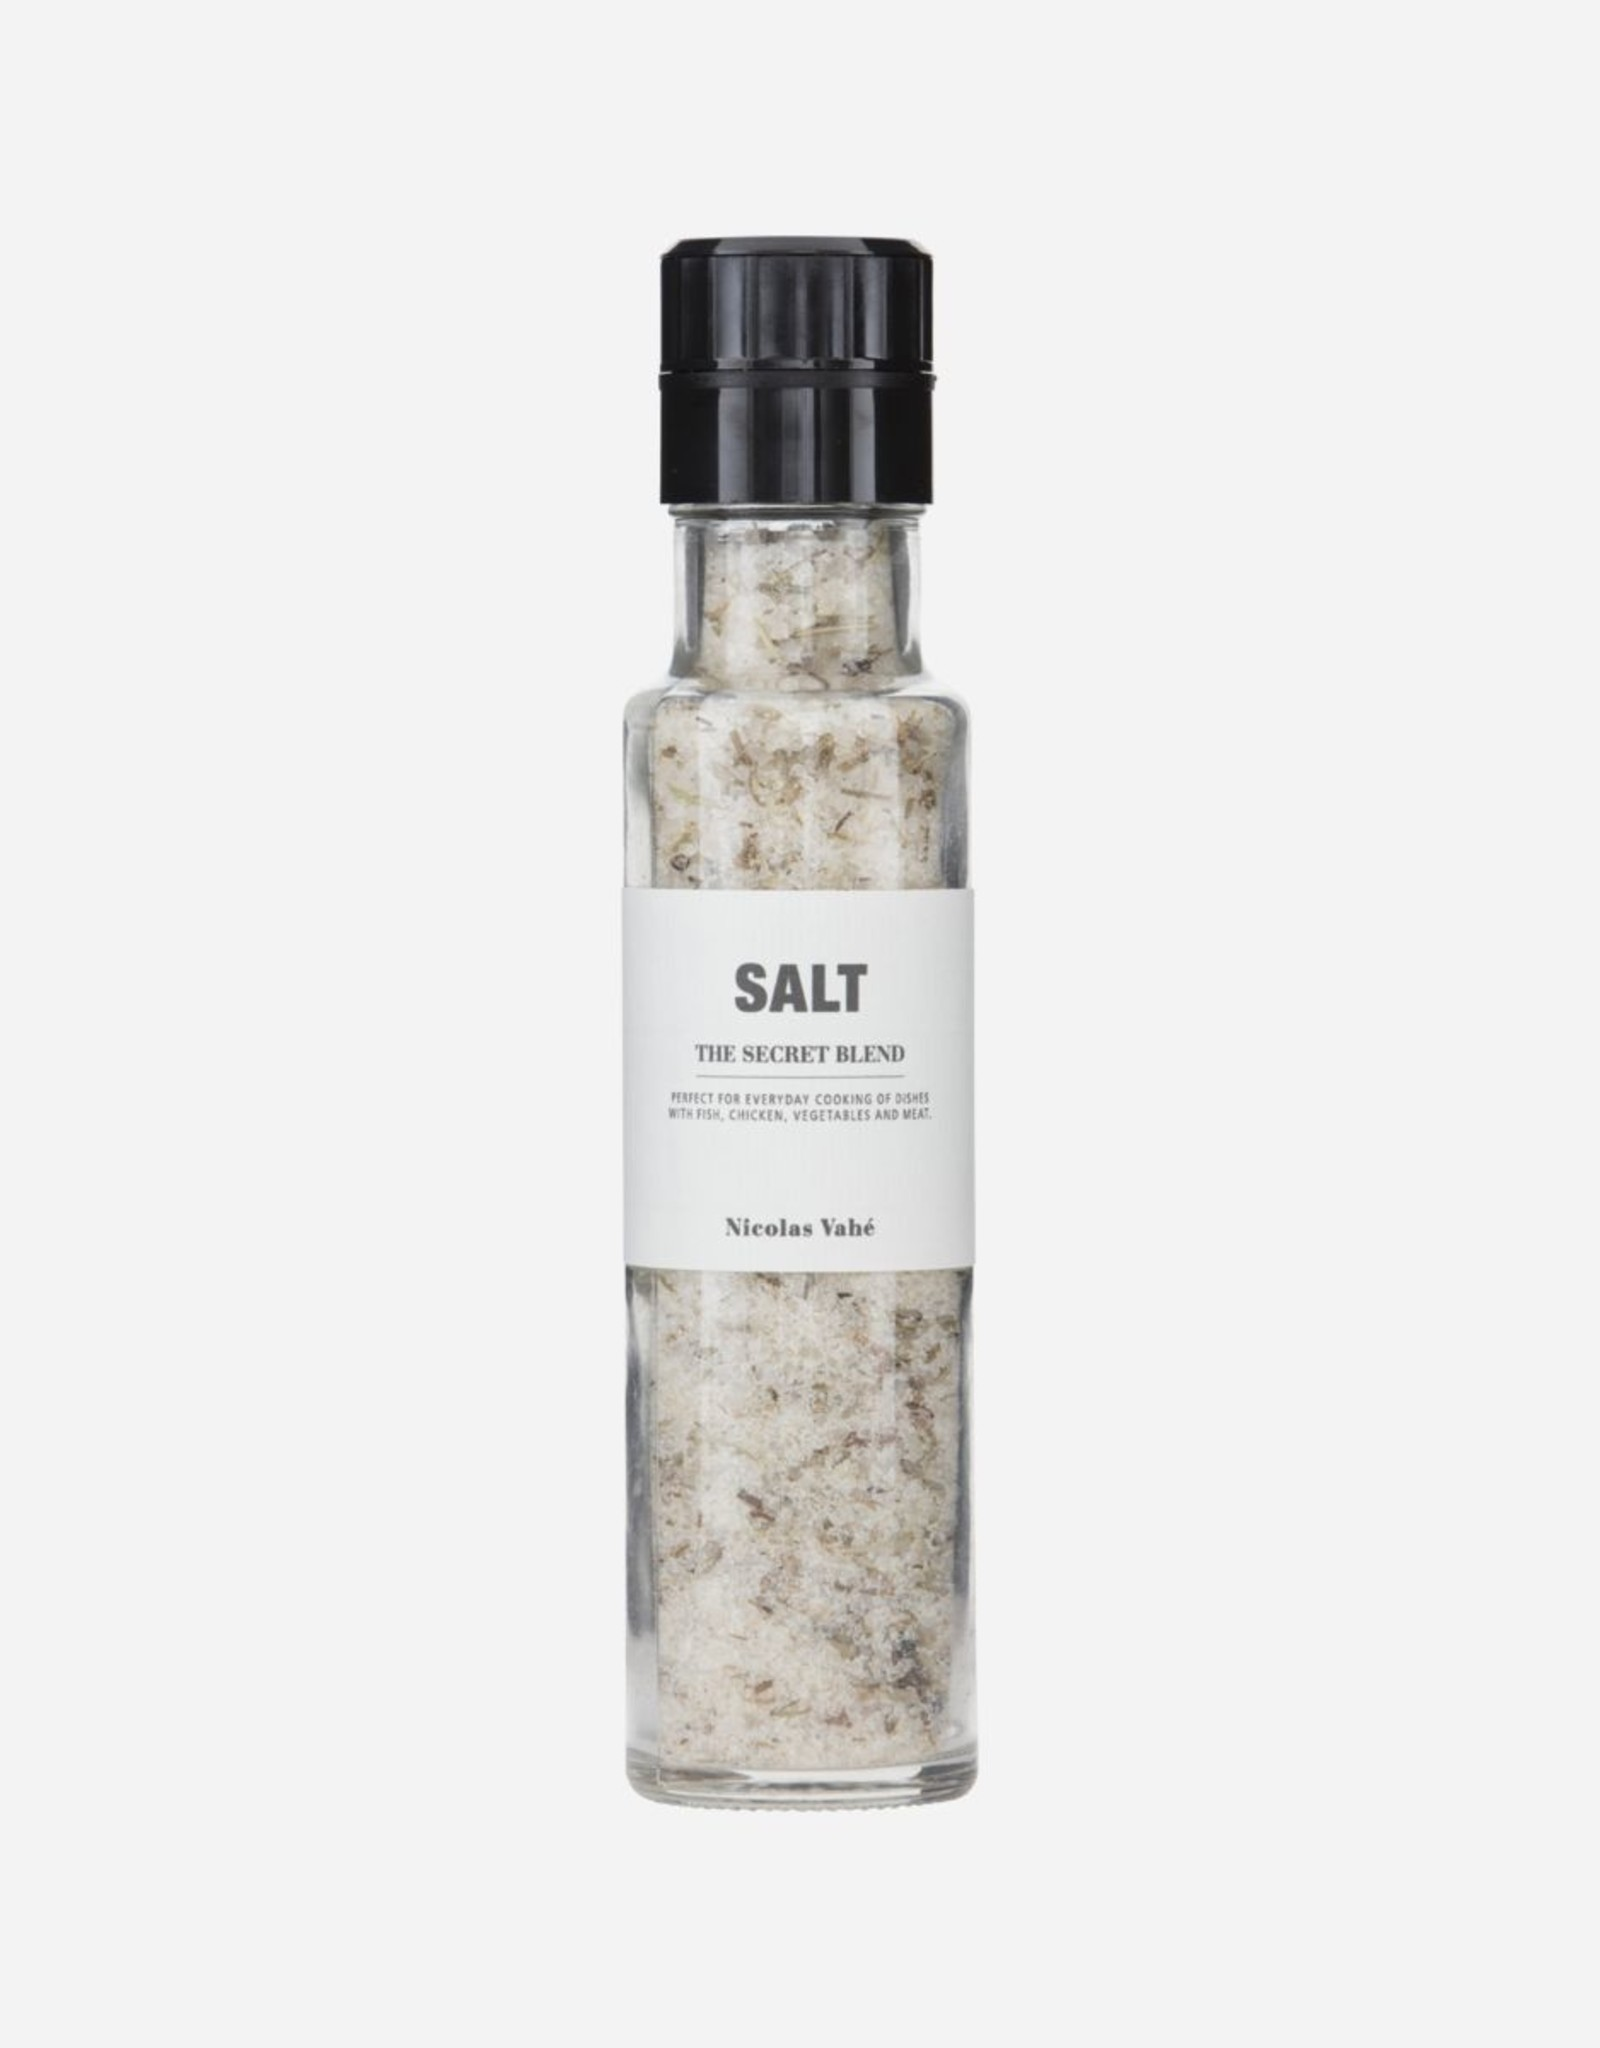 Nicolas Vahé Nicolas Vahe  - Salt the secret blend, 320 g